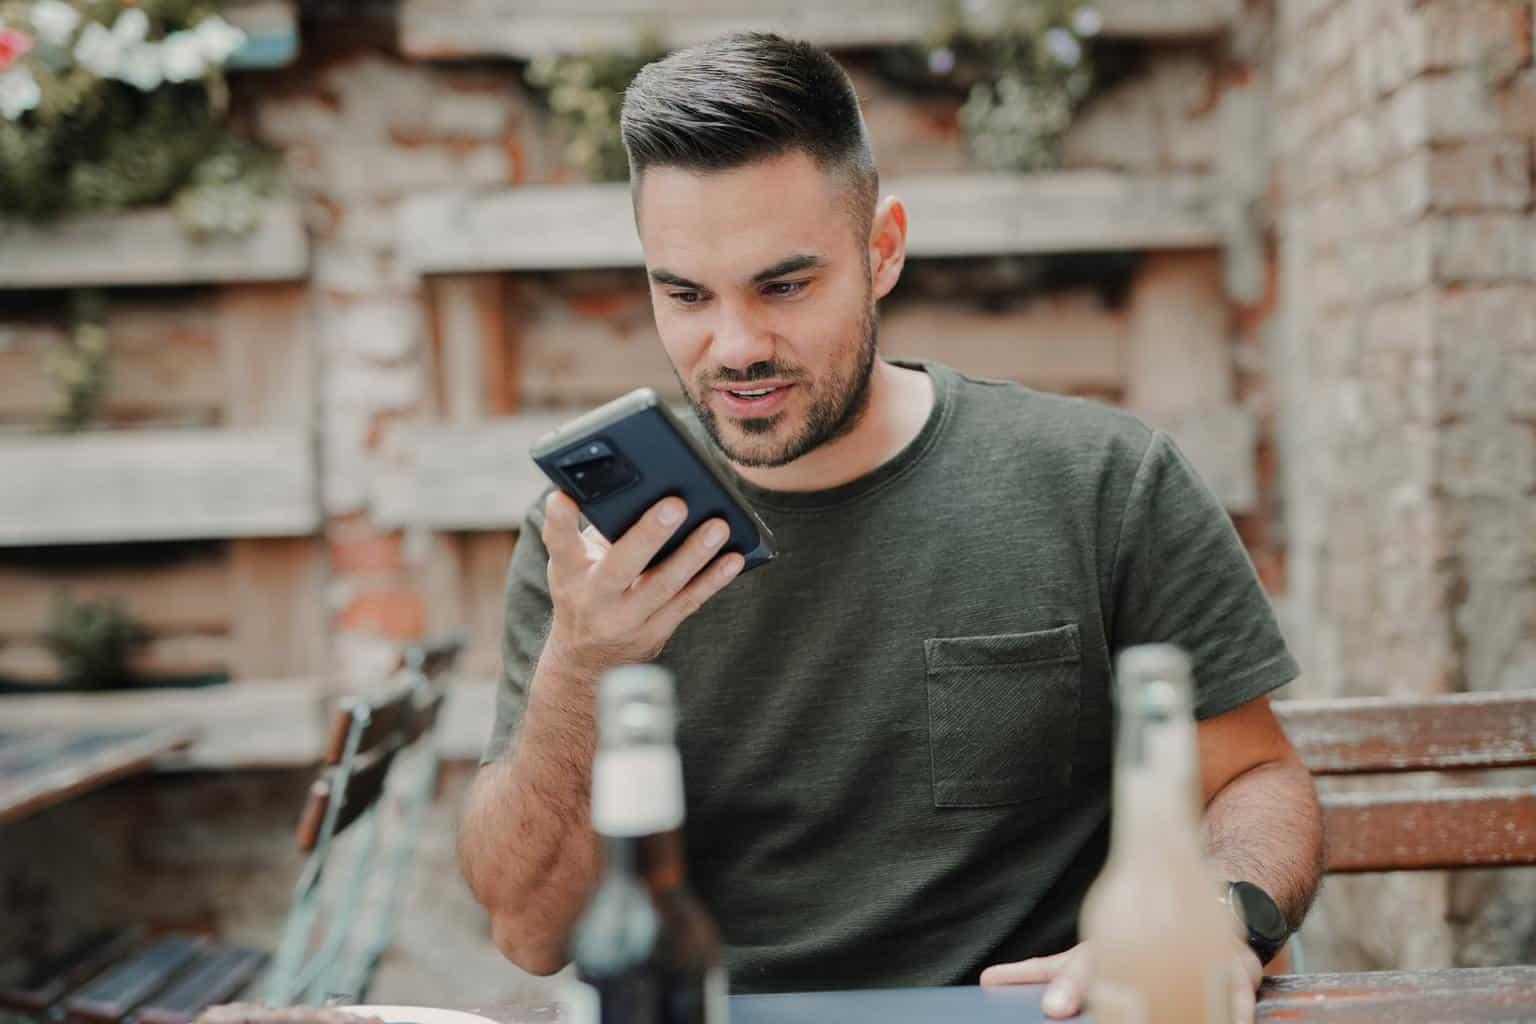 Men sending a voice message